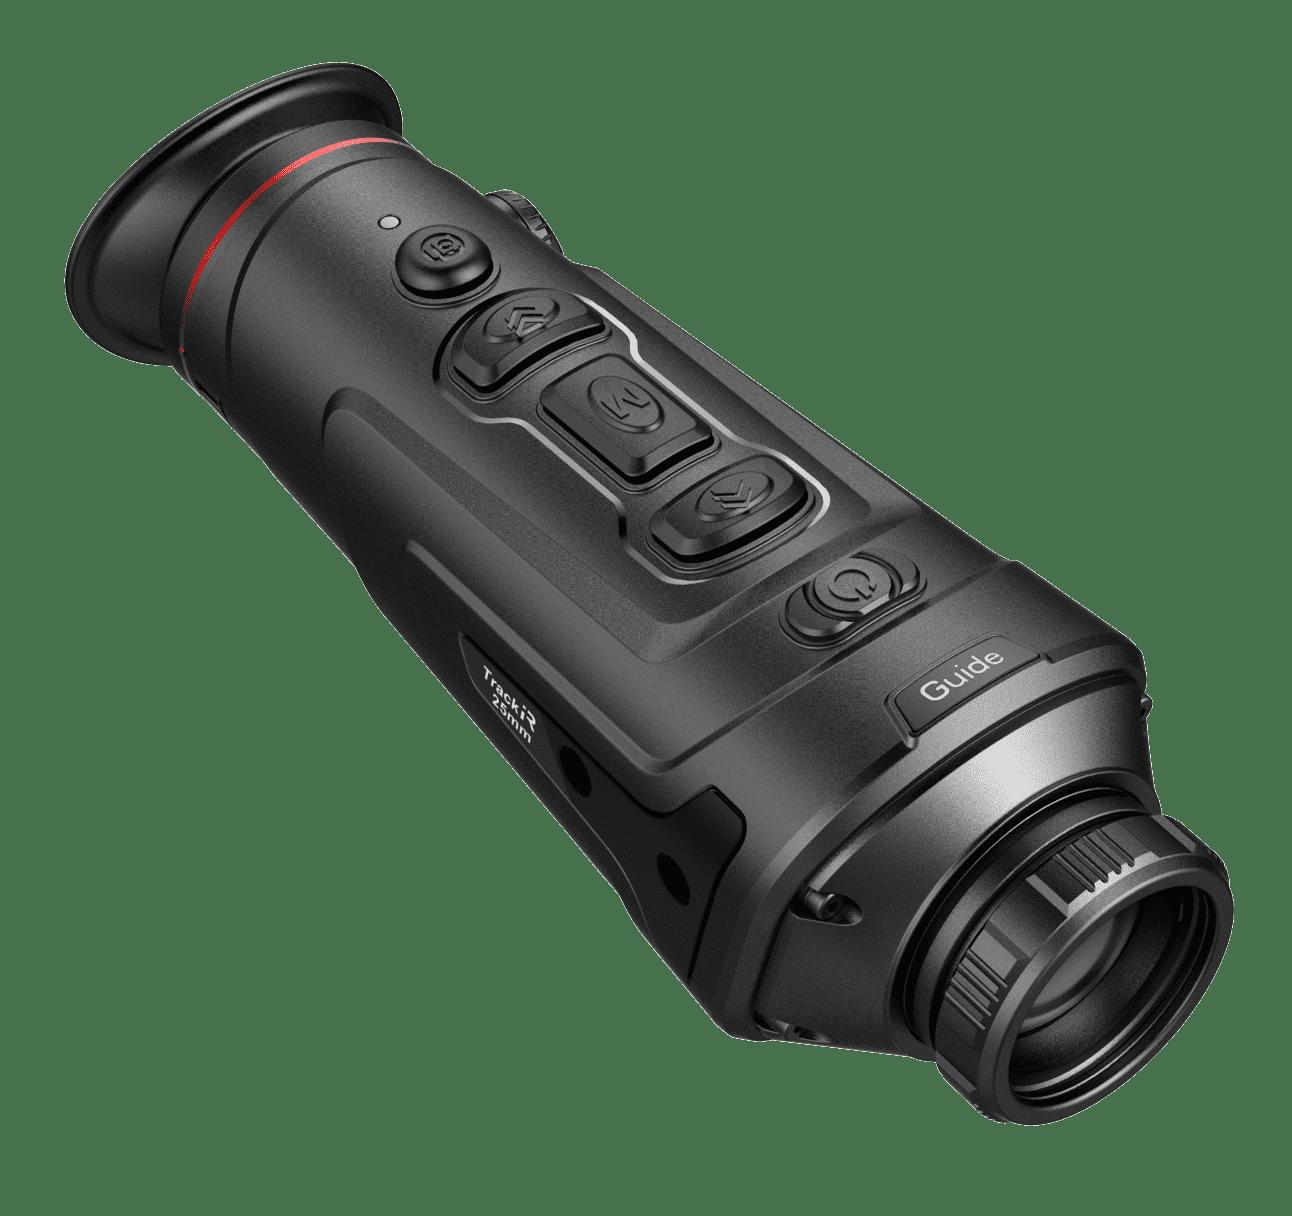 Monokular termowizyjny GUIDE TrackIR PRO 19mm - termowizja sklep online Knieja